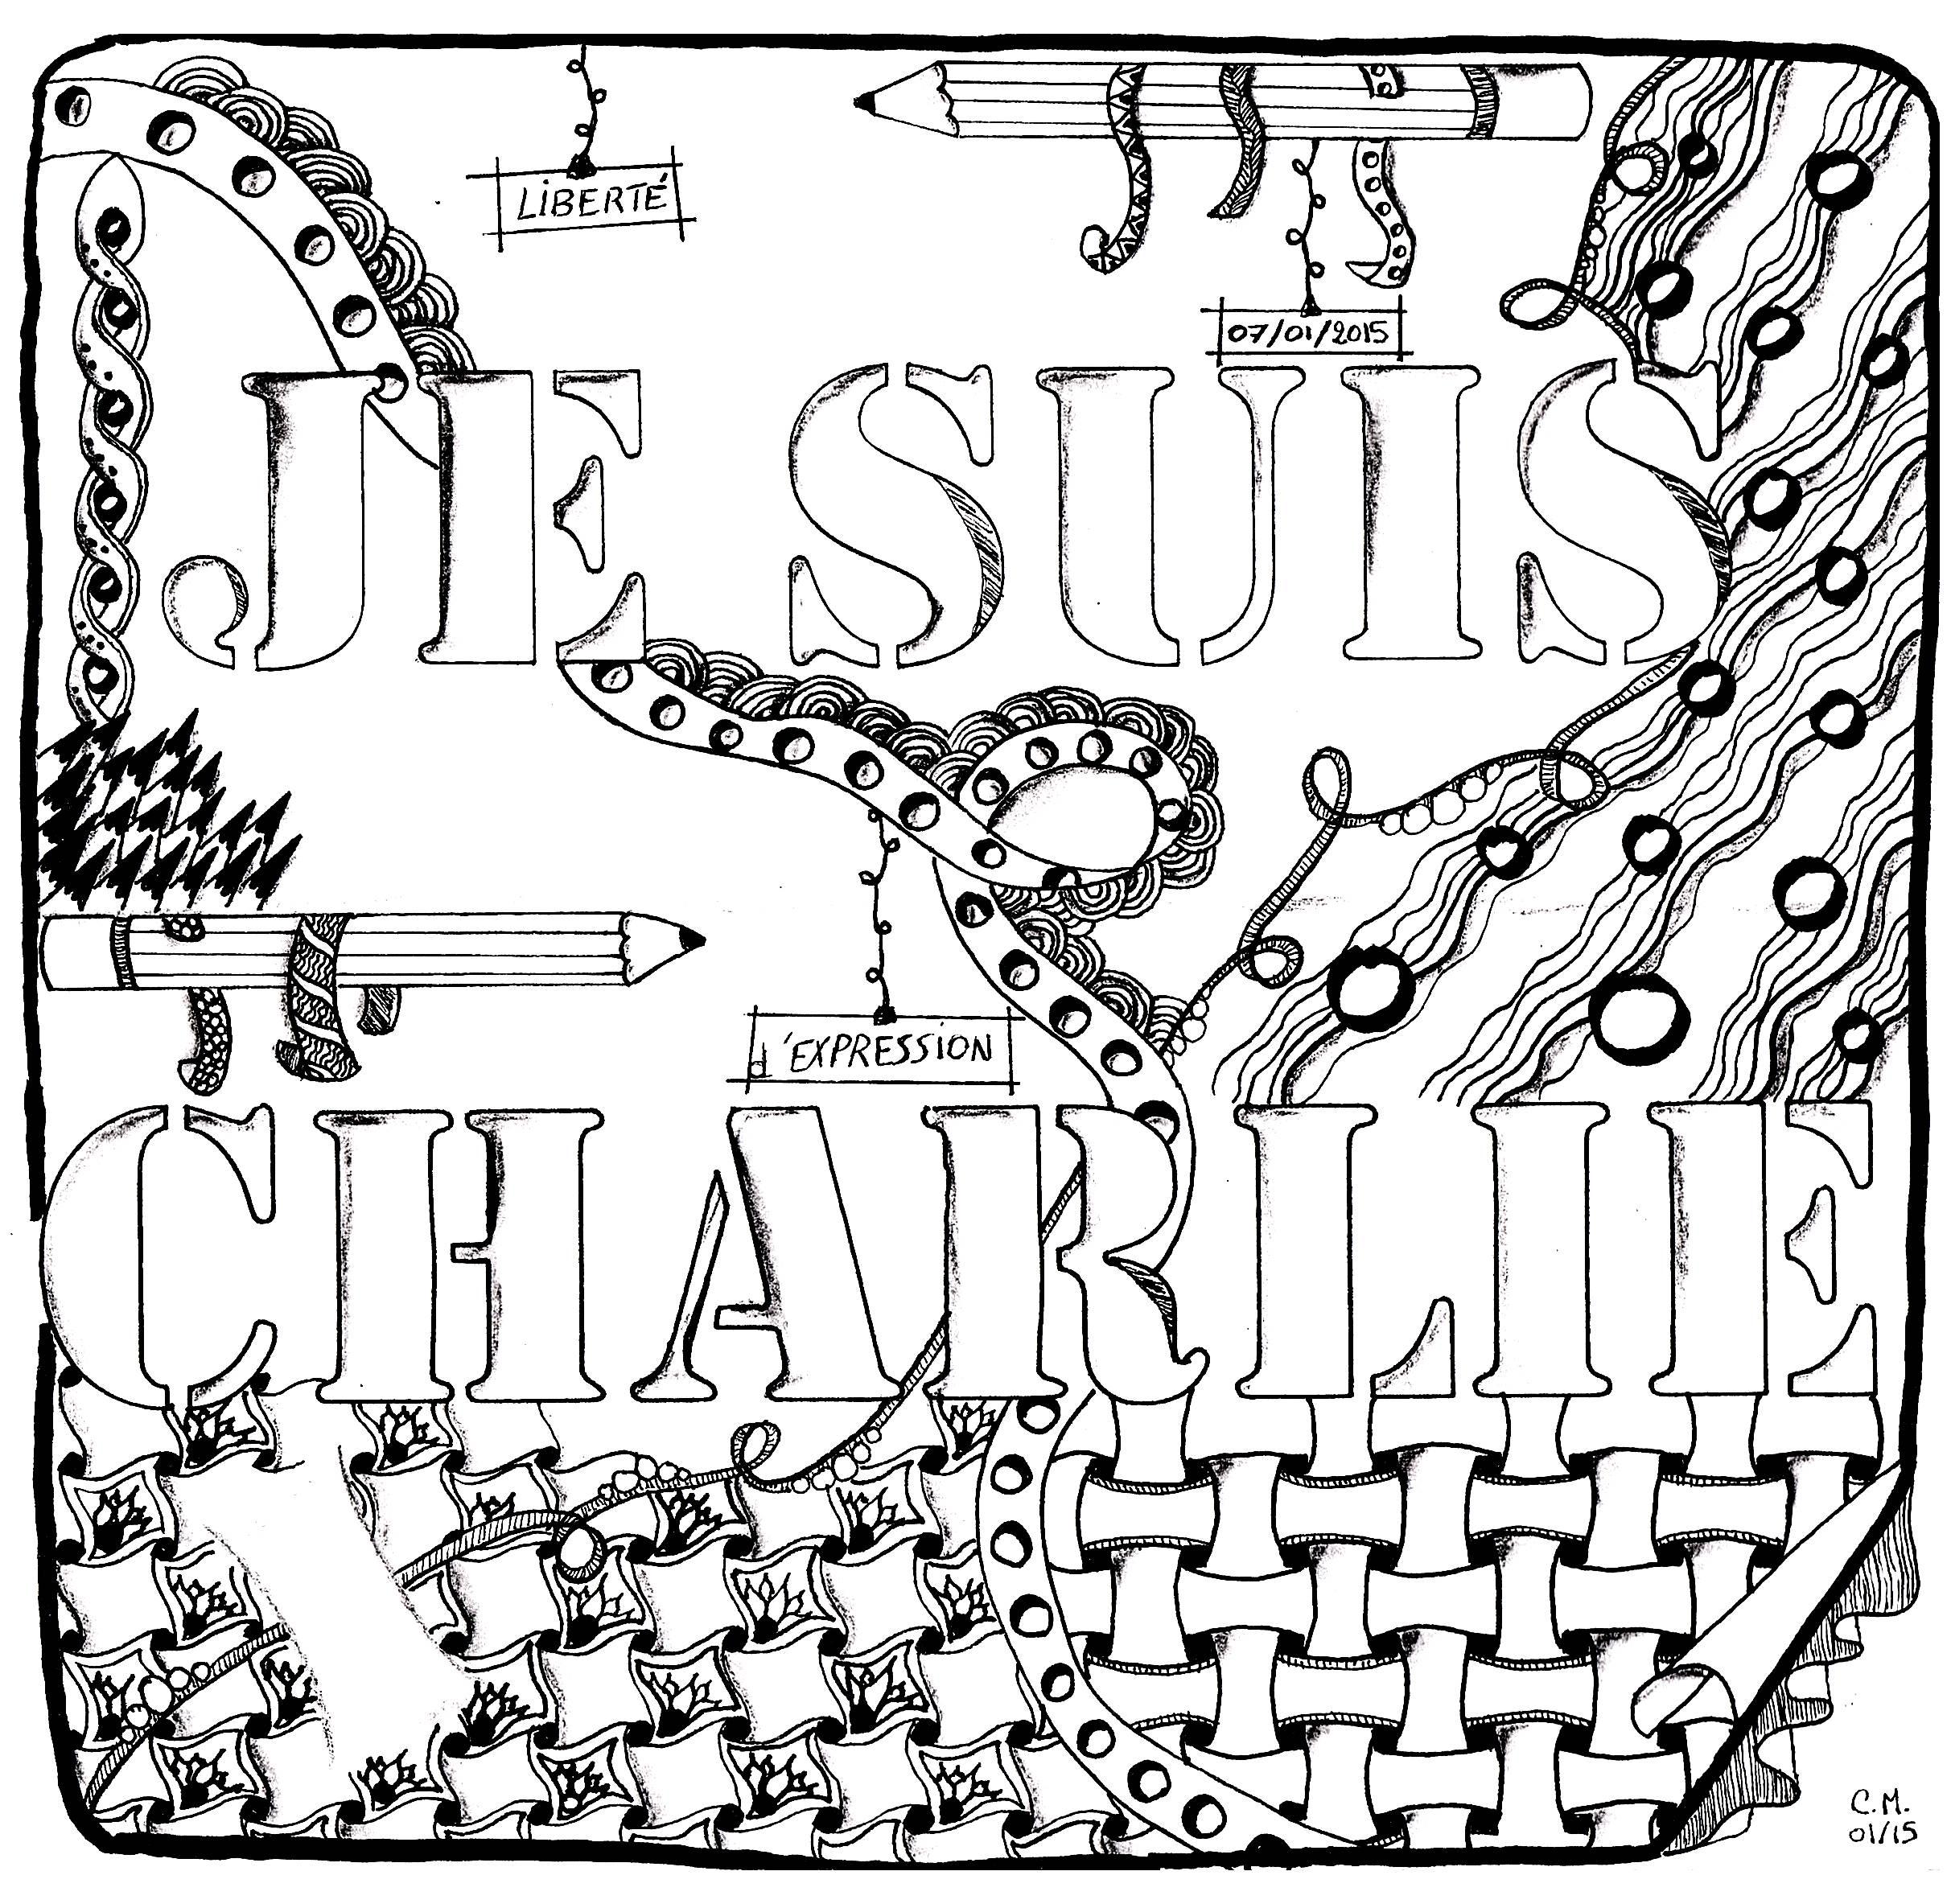 'Hommage à Charlie Hebdo', coloriage original  Voir l'oeuvre originale